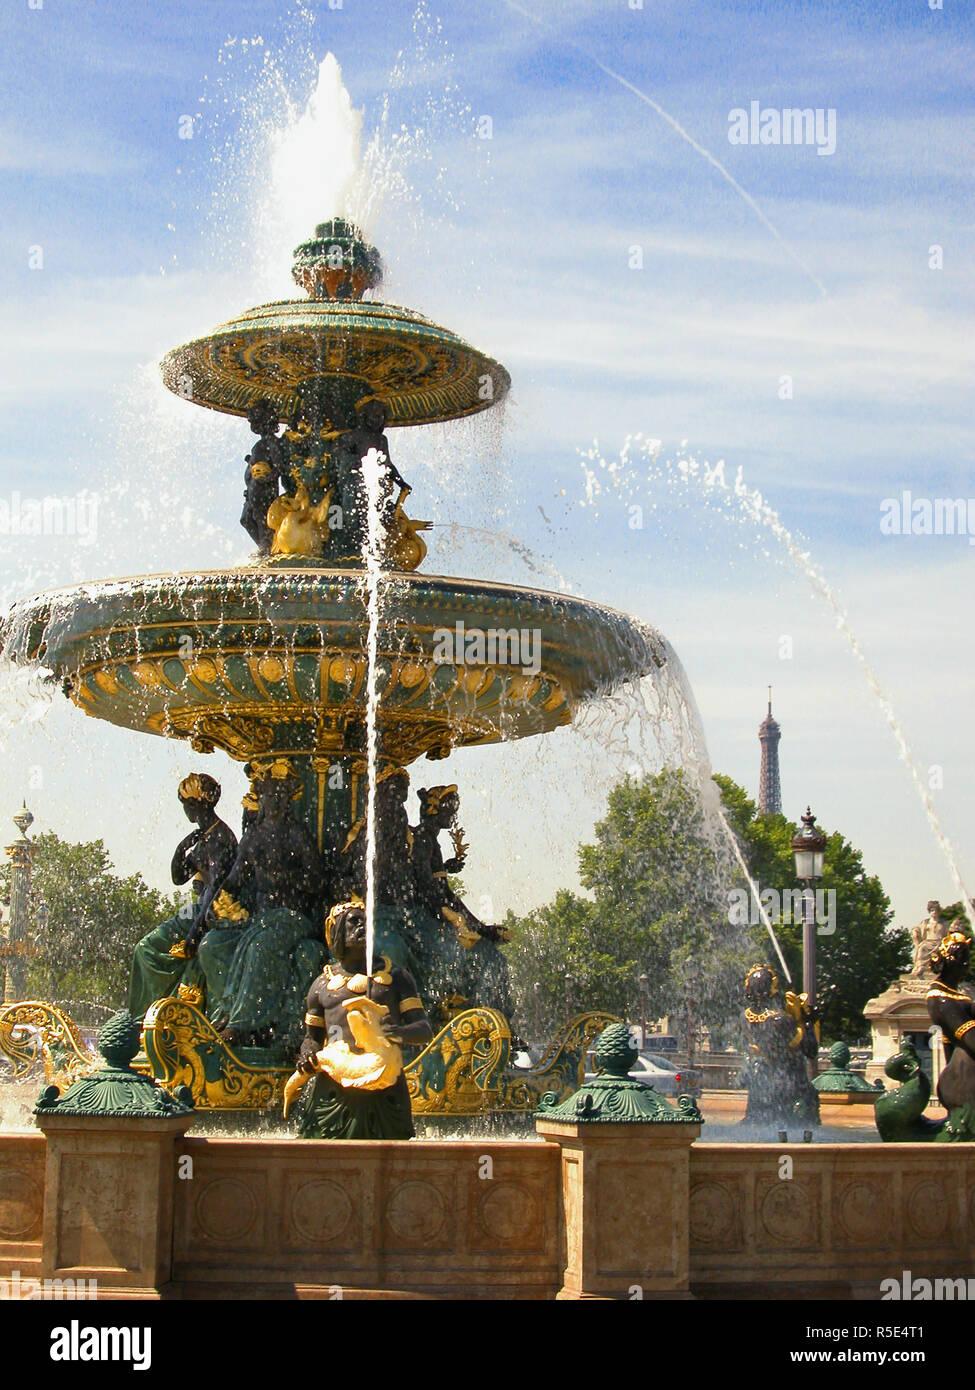 Fontaine ornementale à la place de la Concorde, Paris, France Banque D'Images